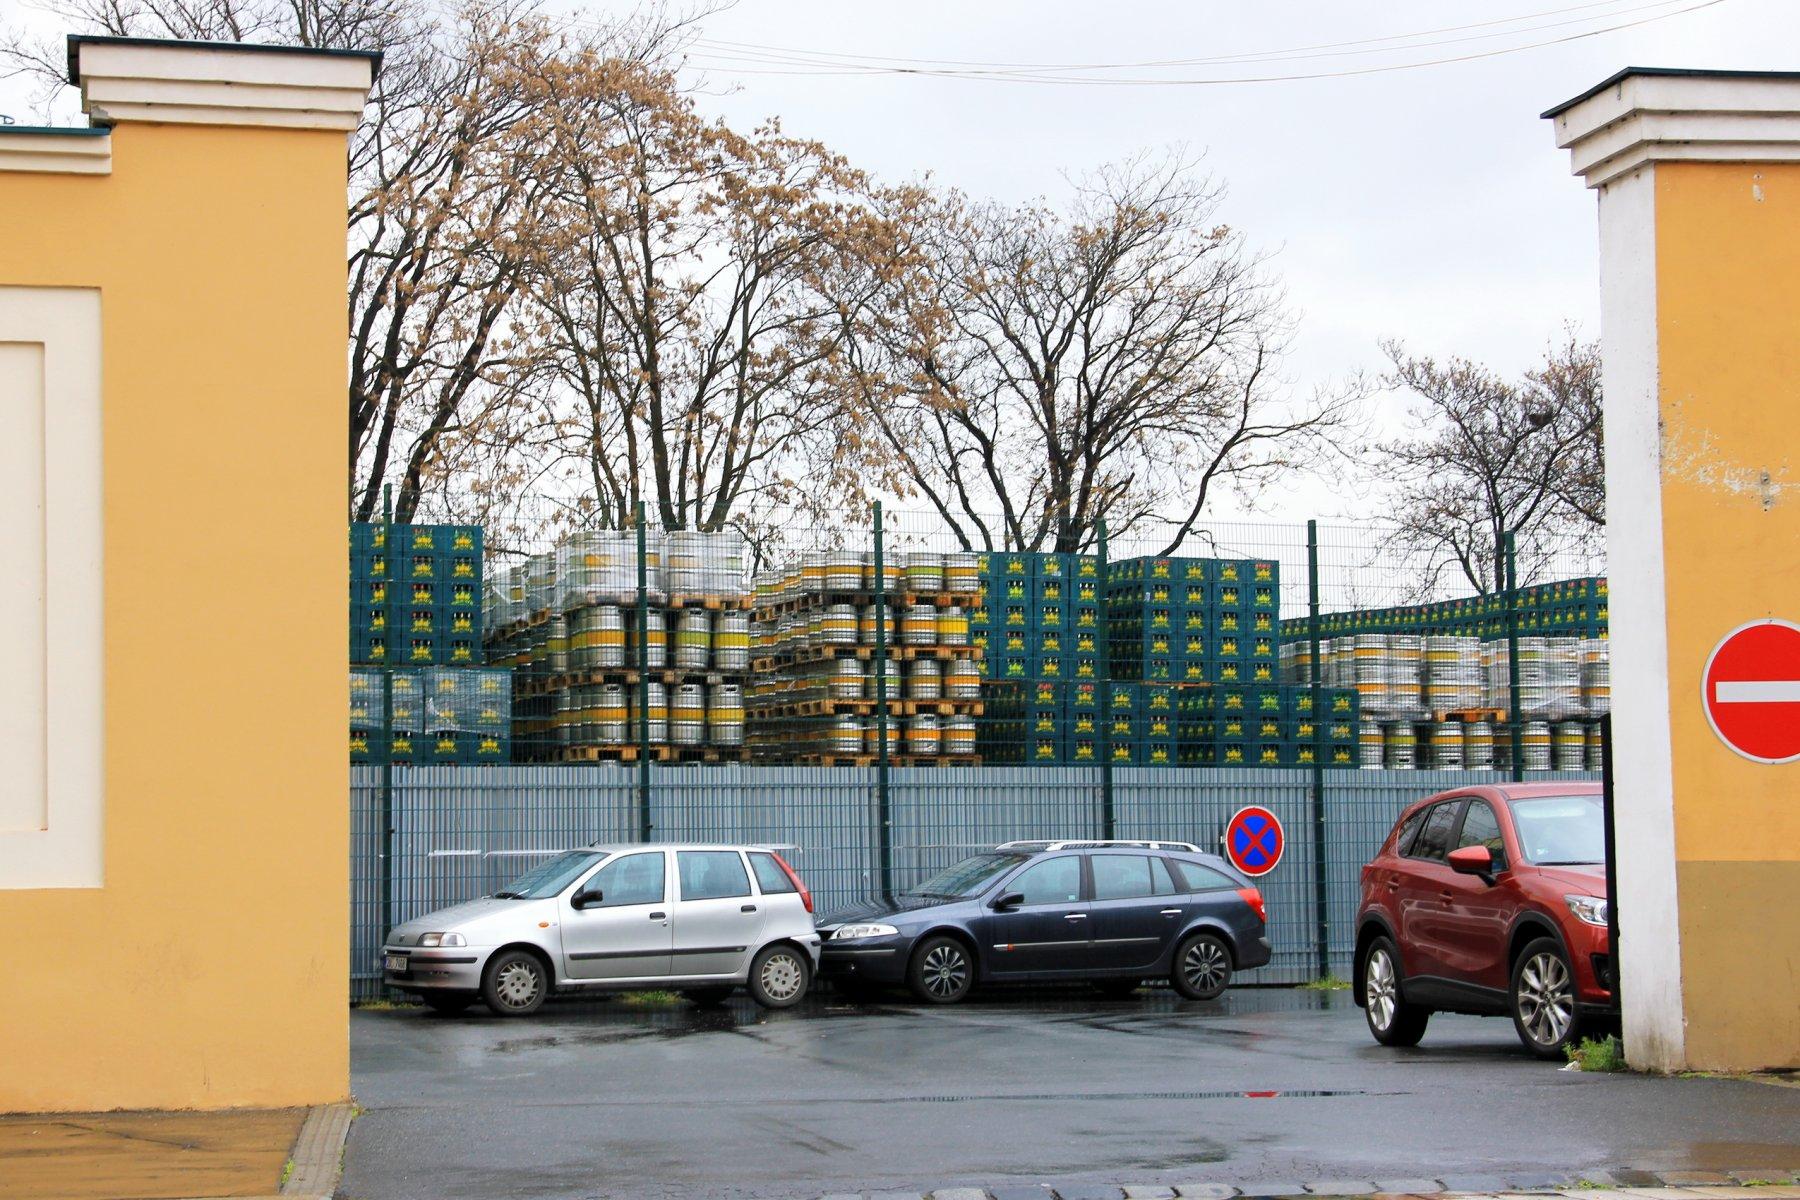 Obchodně výrobní společnost Pivovary Staropramen